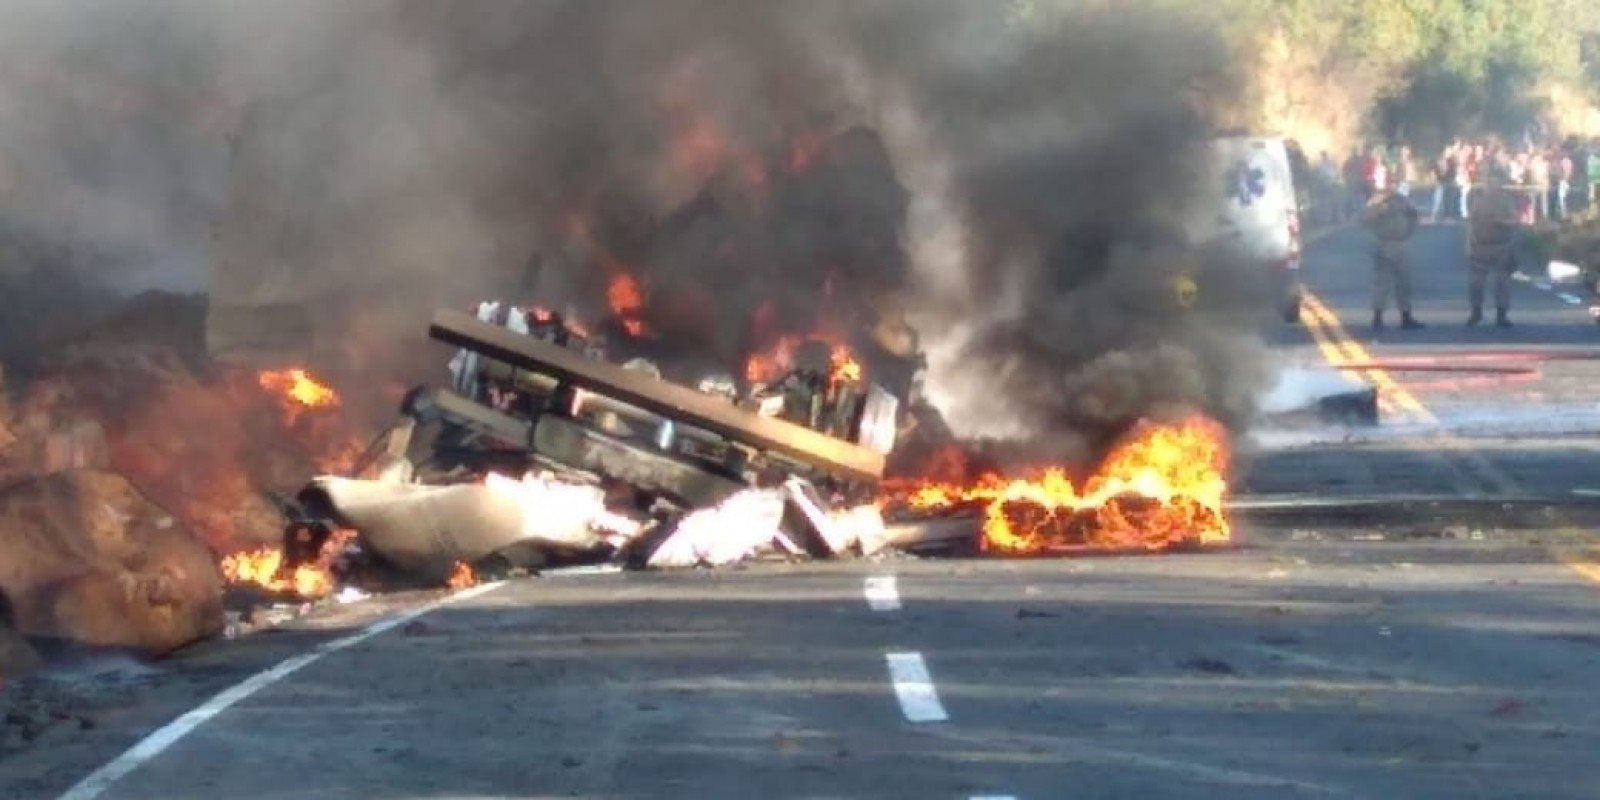 Vídeo: carreta carregada com combustível tomba e pega fogo em Coronel Freitas. Uma pessoa morreu